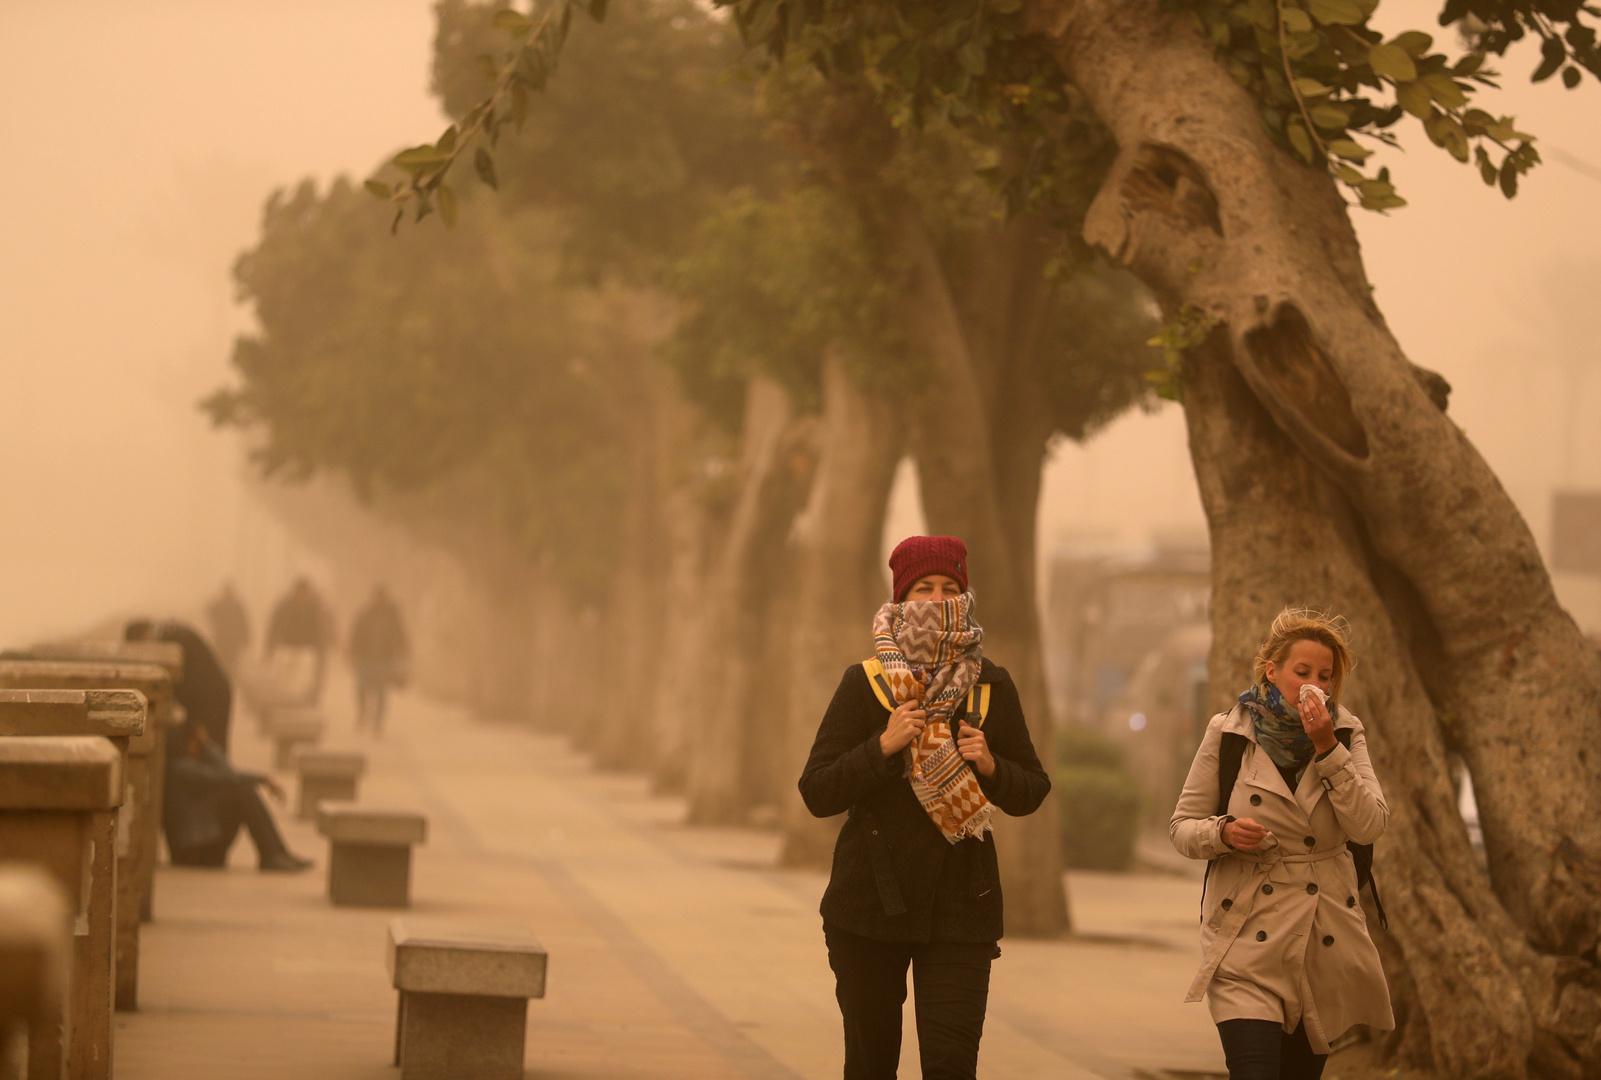 الأرصاد تحذر المواطنين في مصر من الطقس.. وتكشف حقيقة